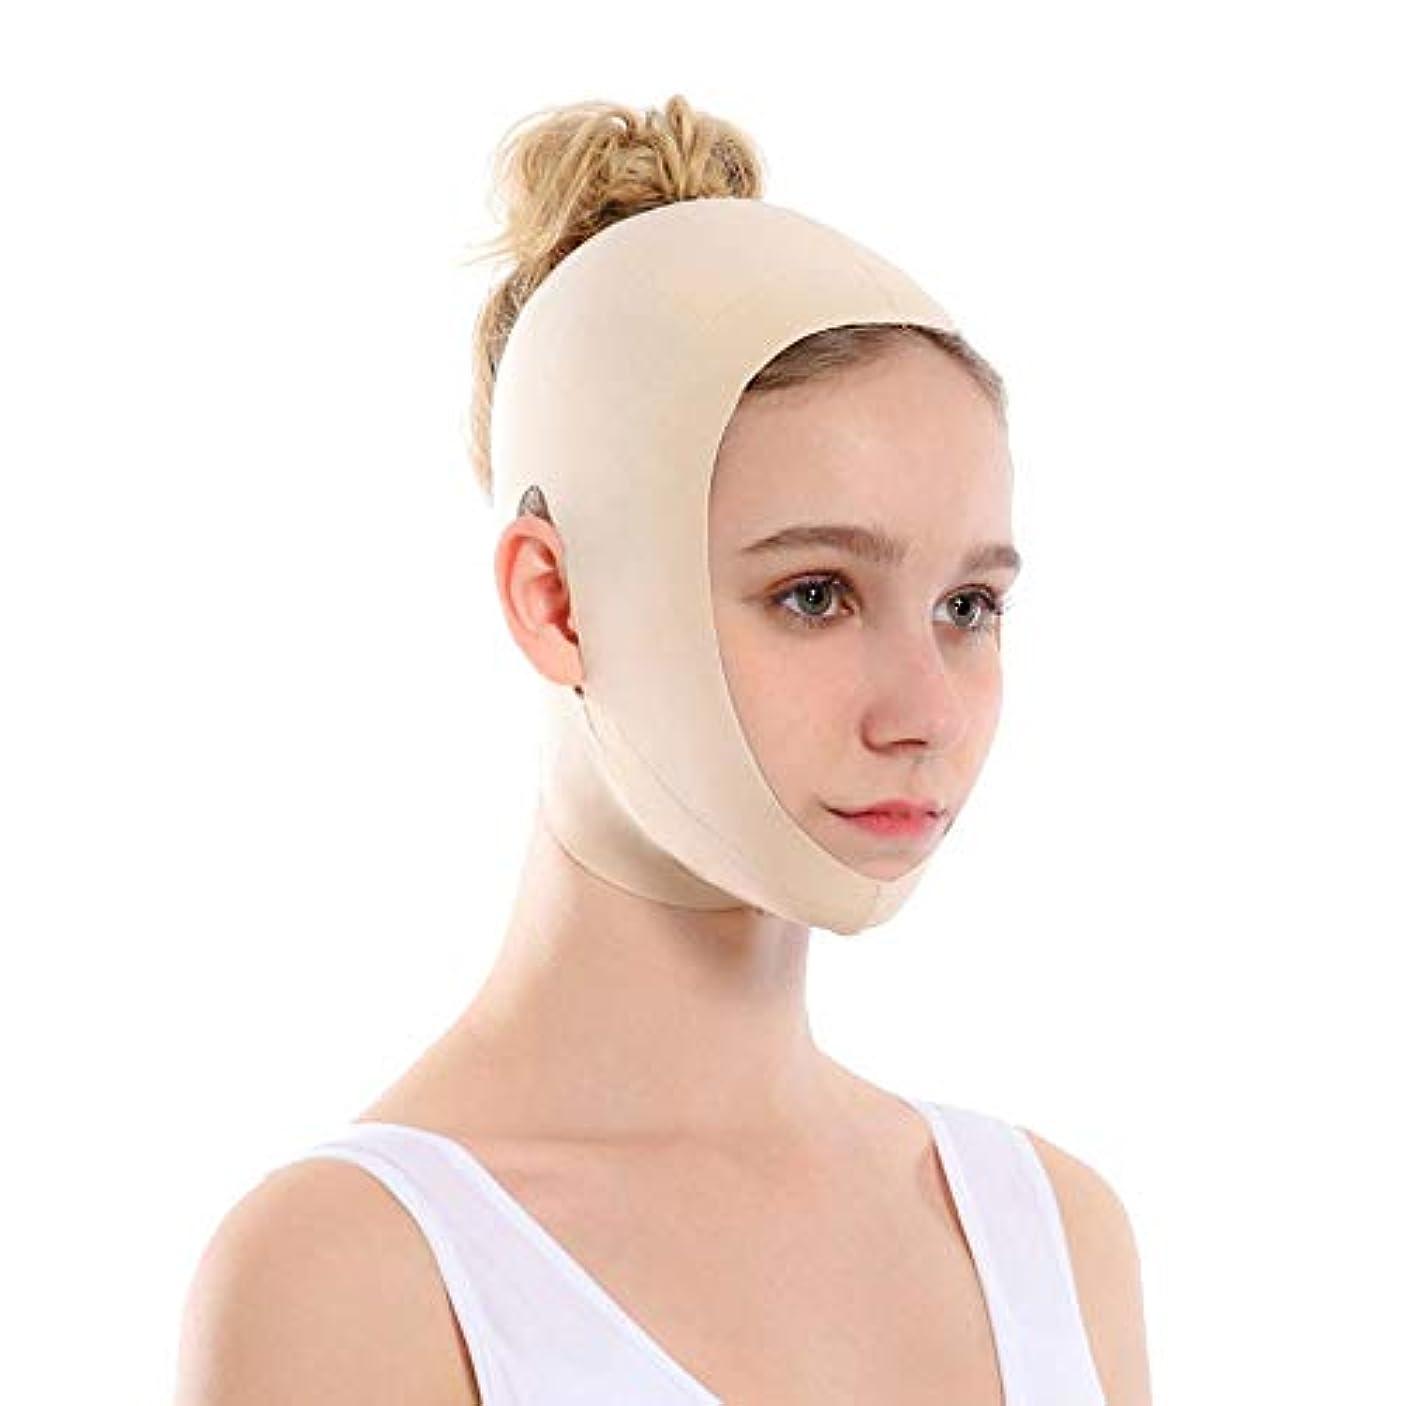 議論する羨望一生GYZ 顔を持ち上げるアーティファクトVフェイス包帯リフティング引き締め睡眠薄い顔を整形持ち上げる顔を二重あご矯正 - 肌の色 Thin Face Belt